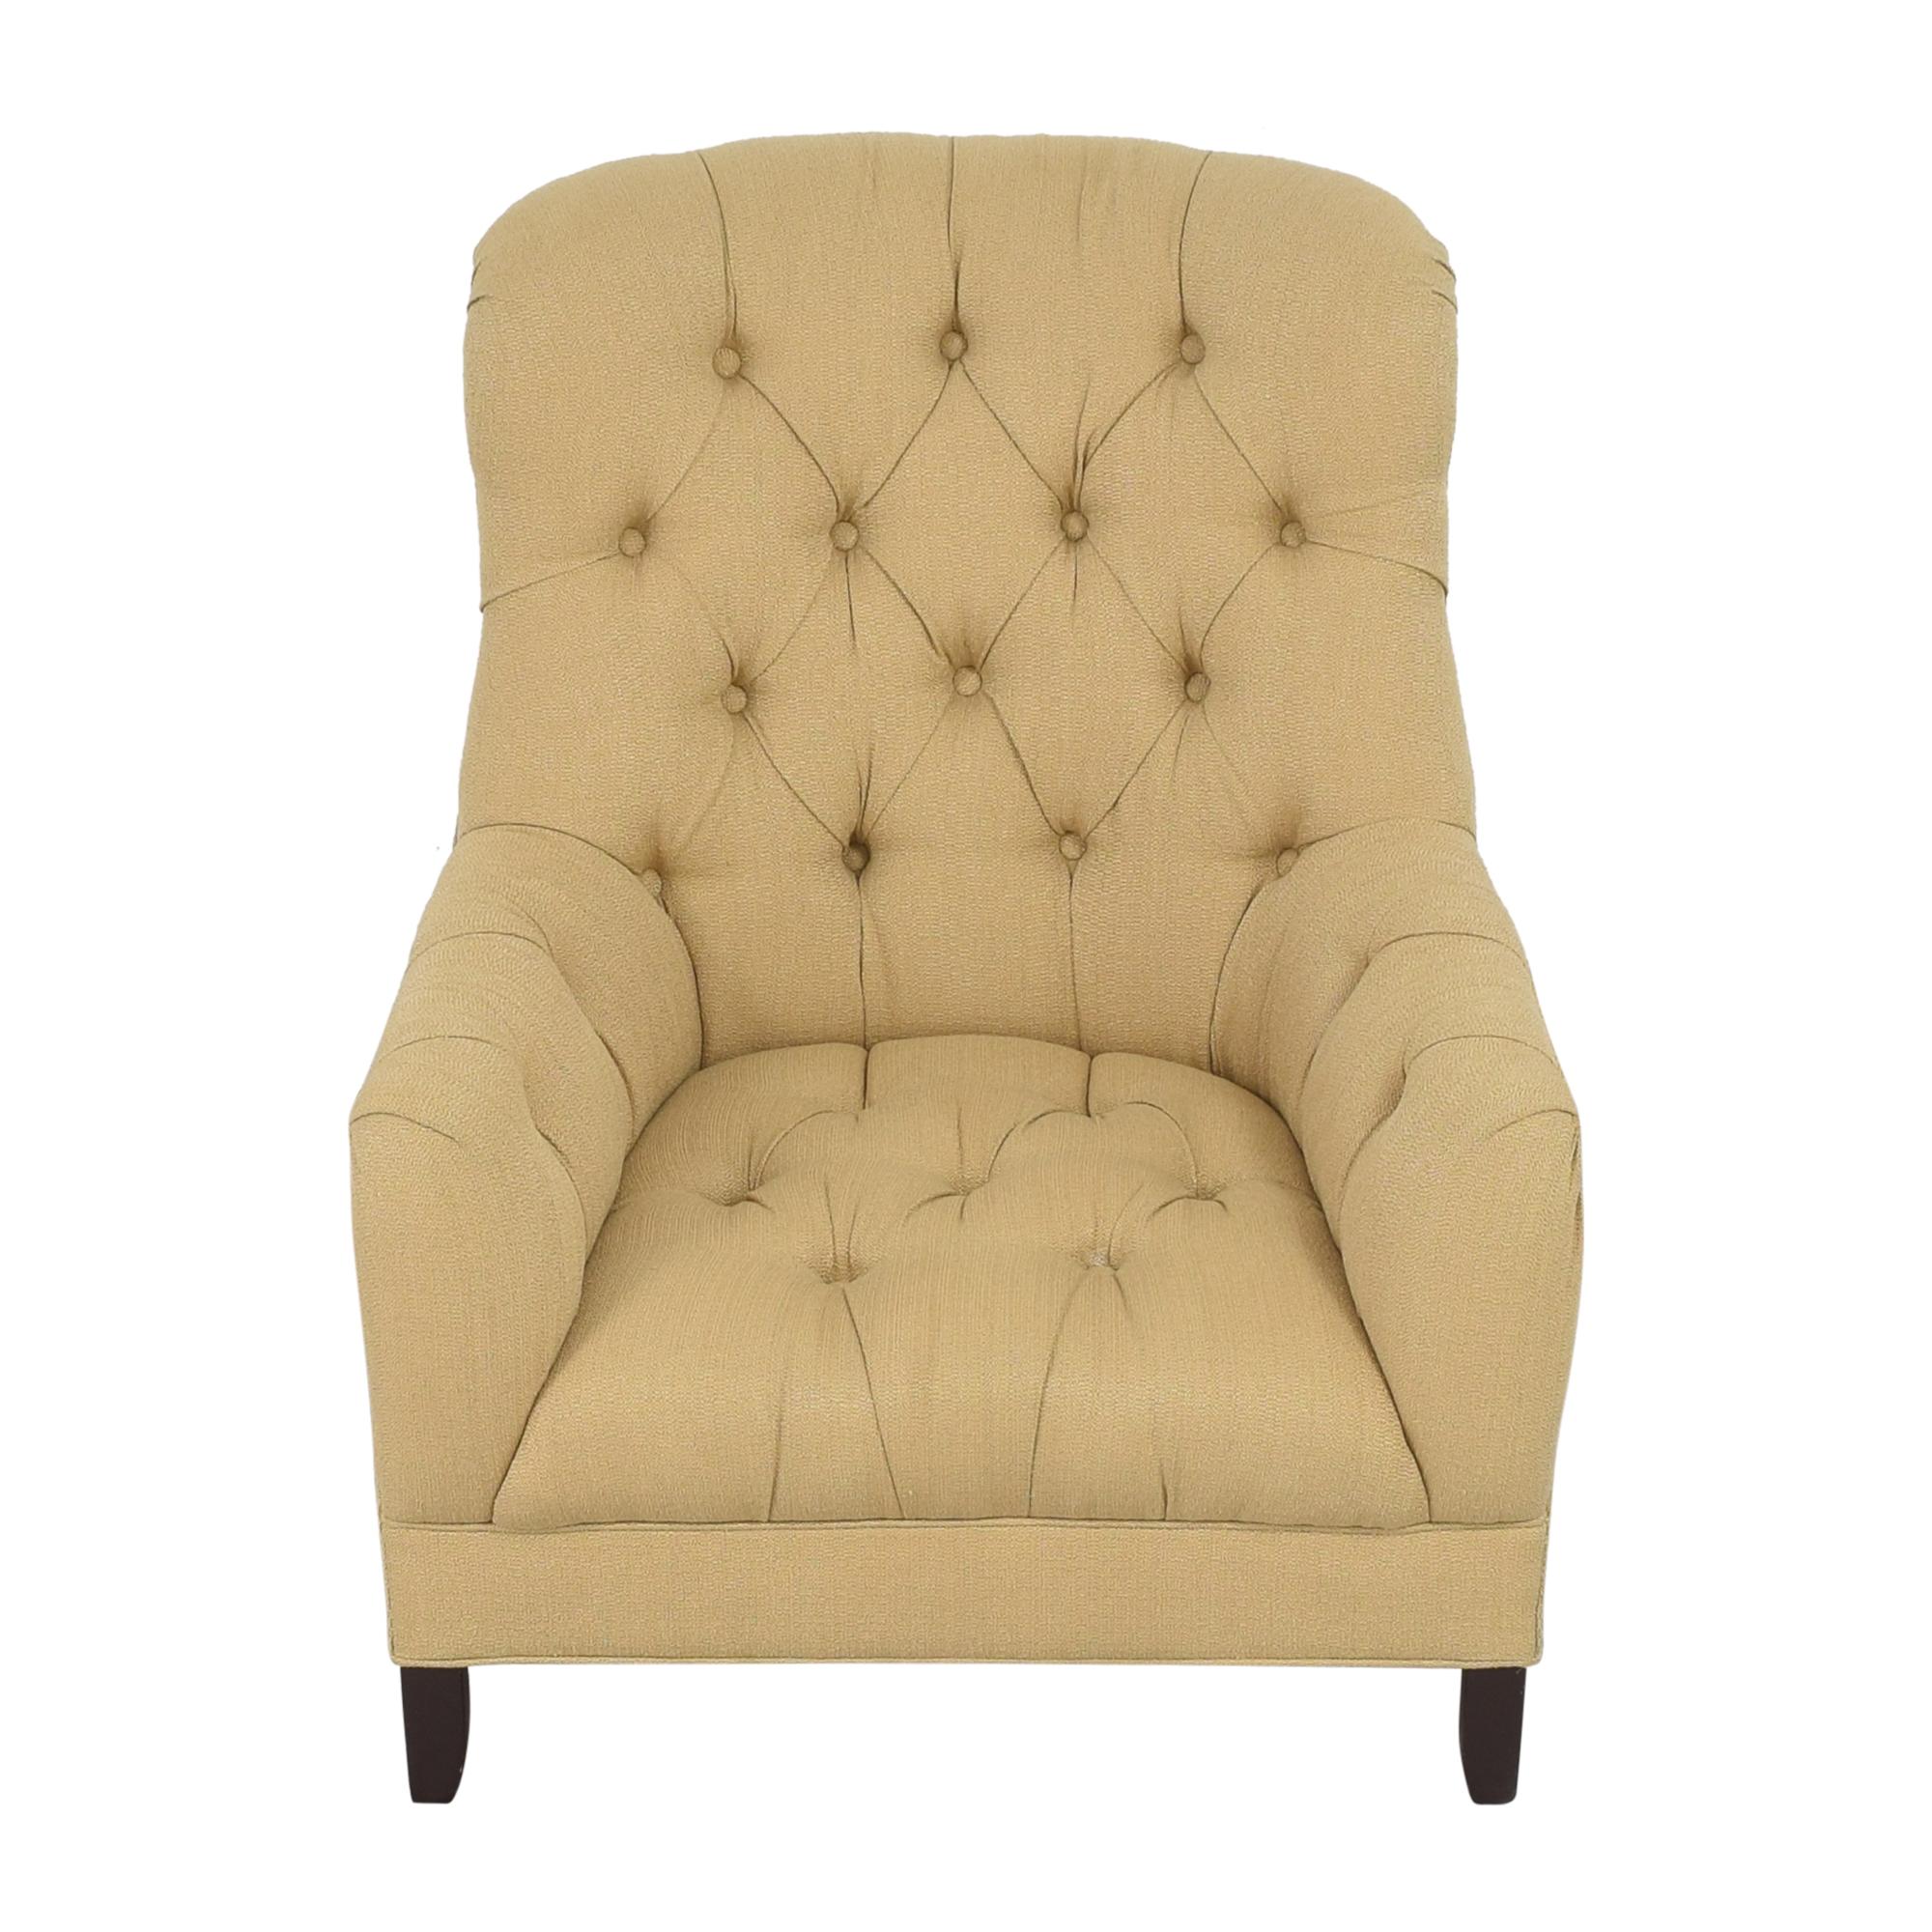 Arhaus Arhaus Club Accent Chair